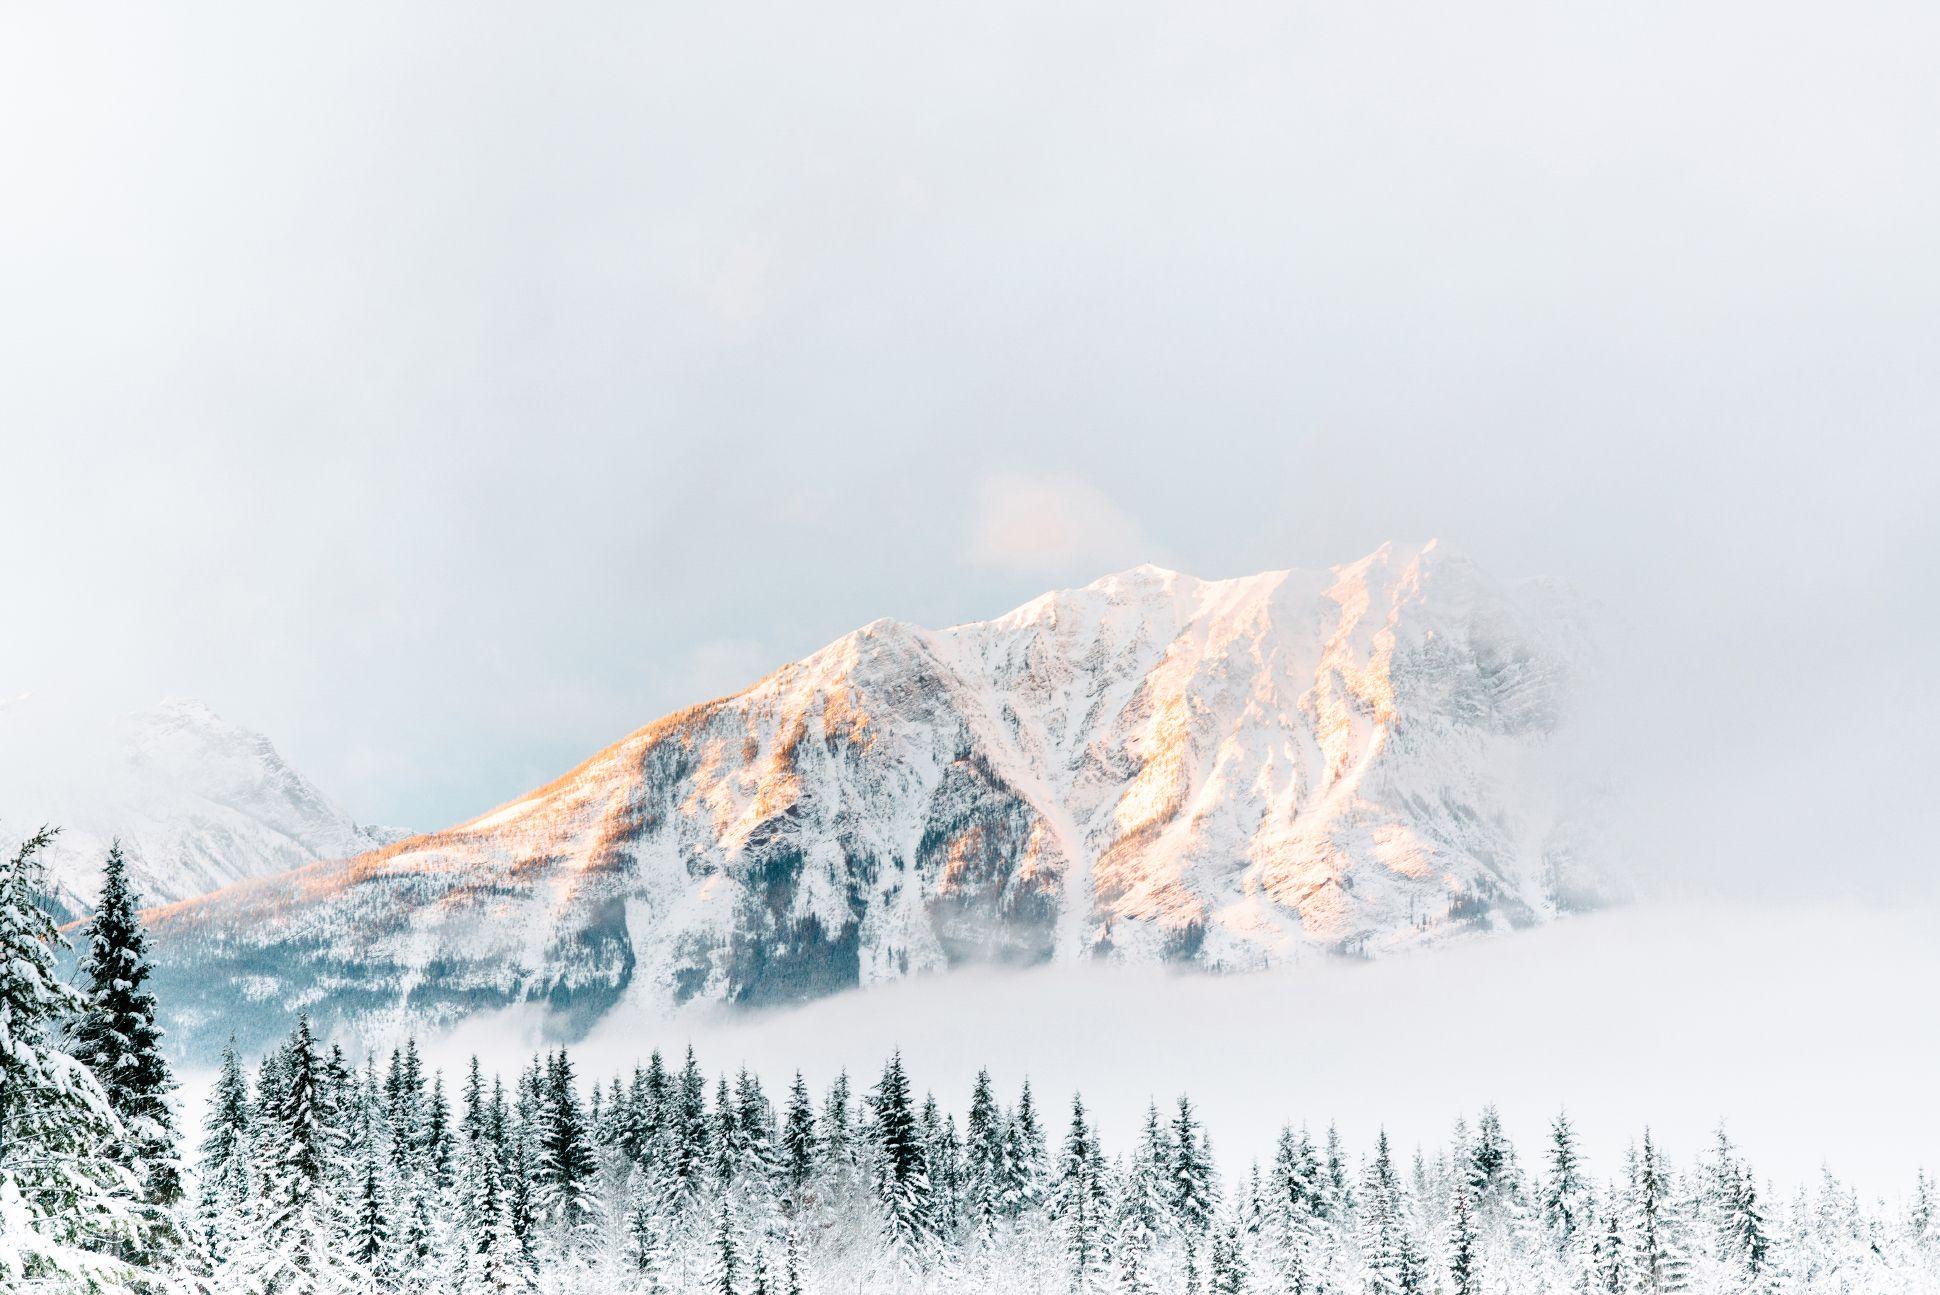 Places Landscape Photography Landscape Illustration Winter